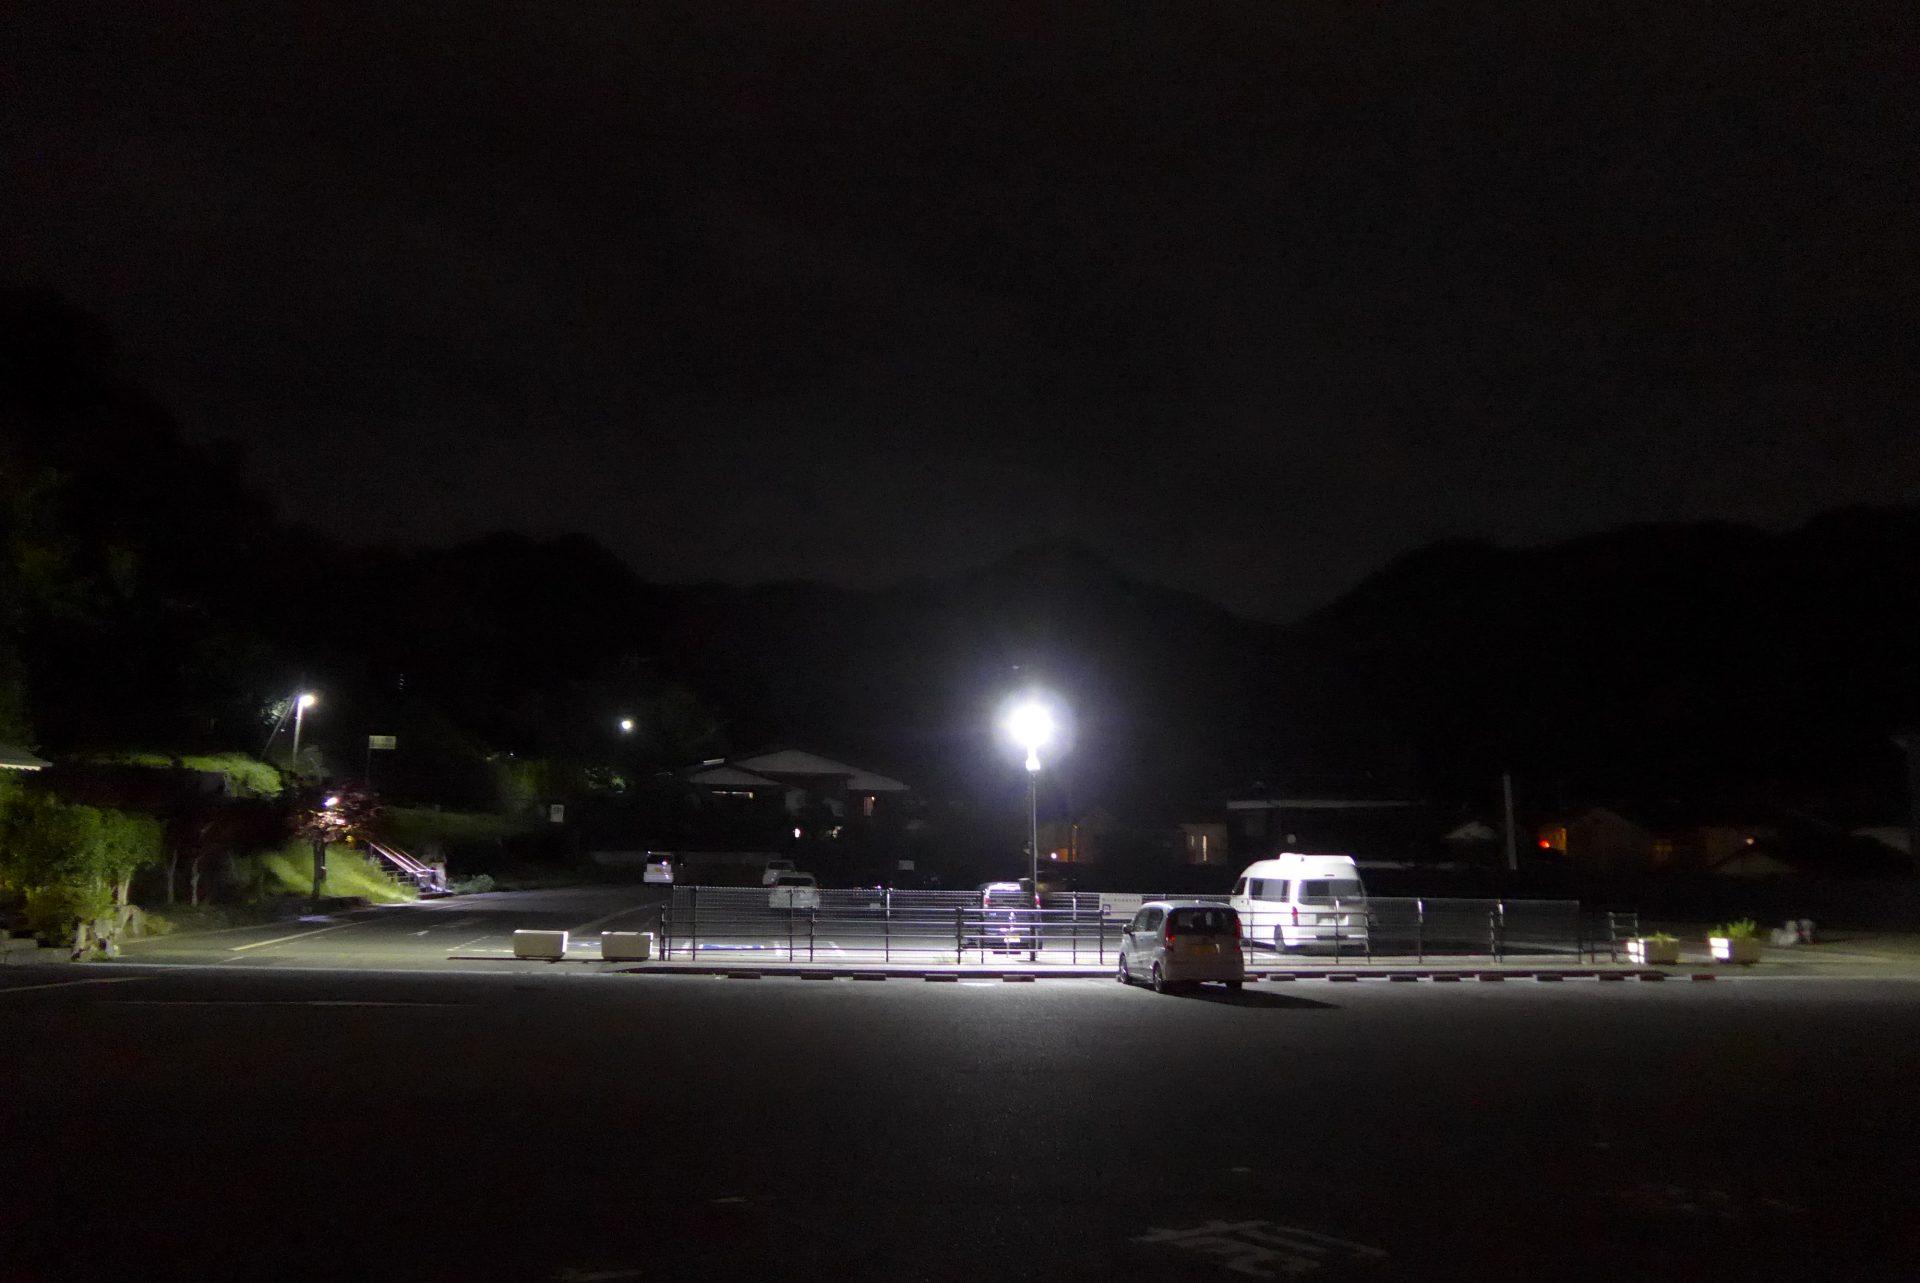 (K)瑠璃光寺香山公園駐車場の車中泊!無料利用のおすすめスポット